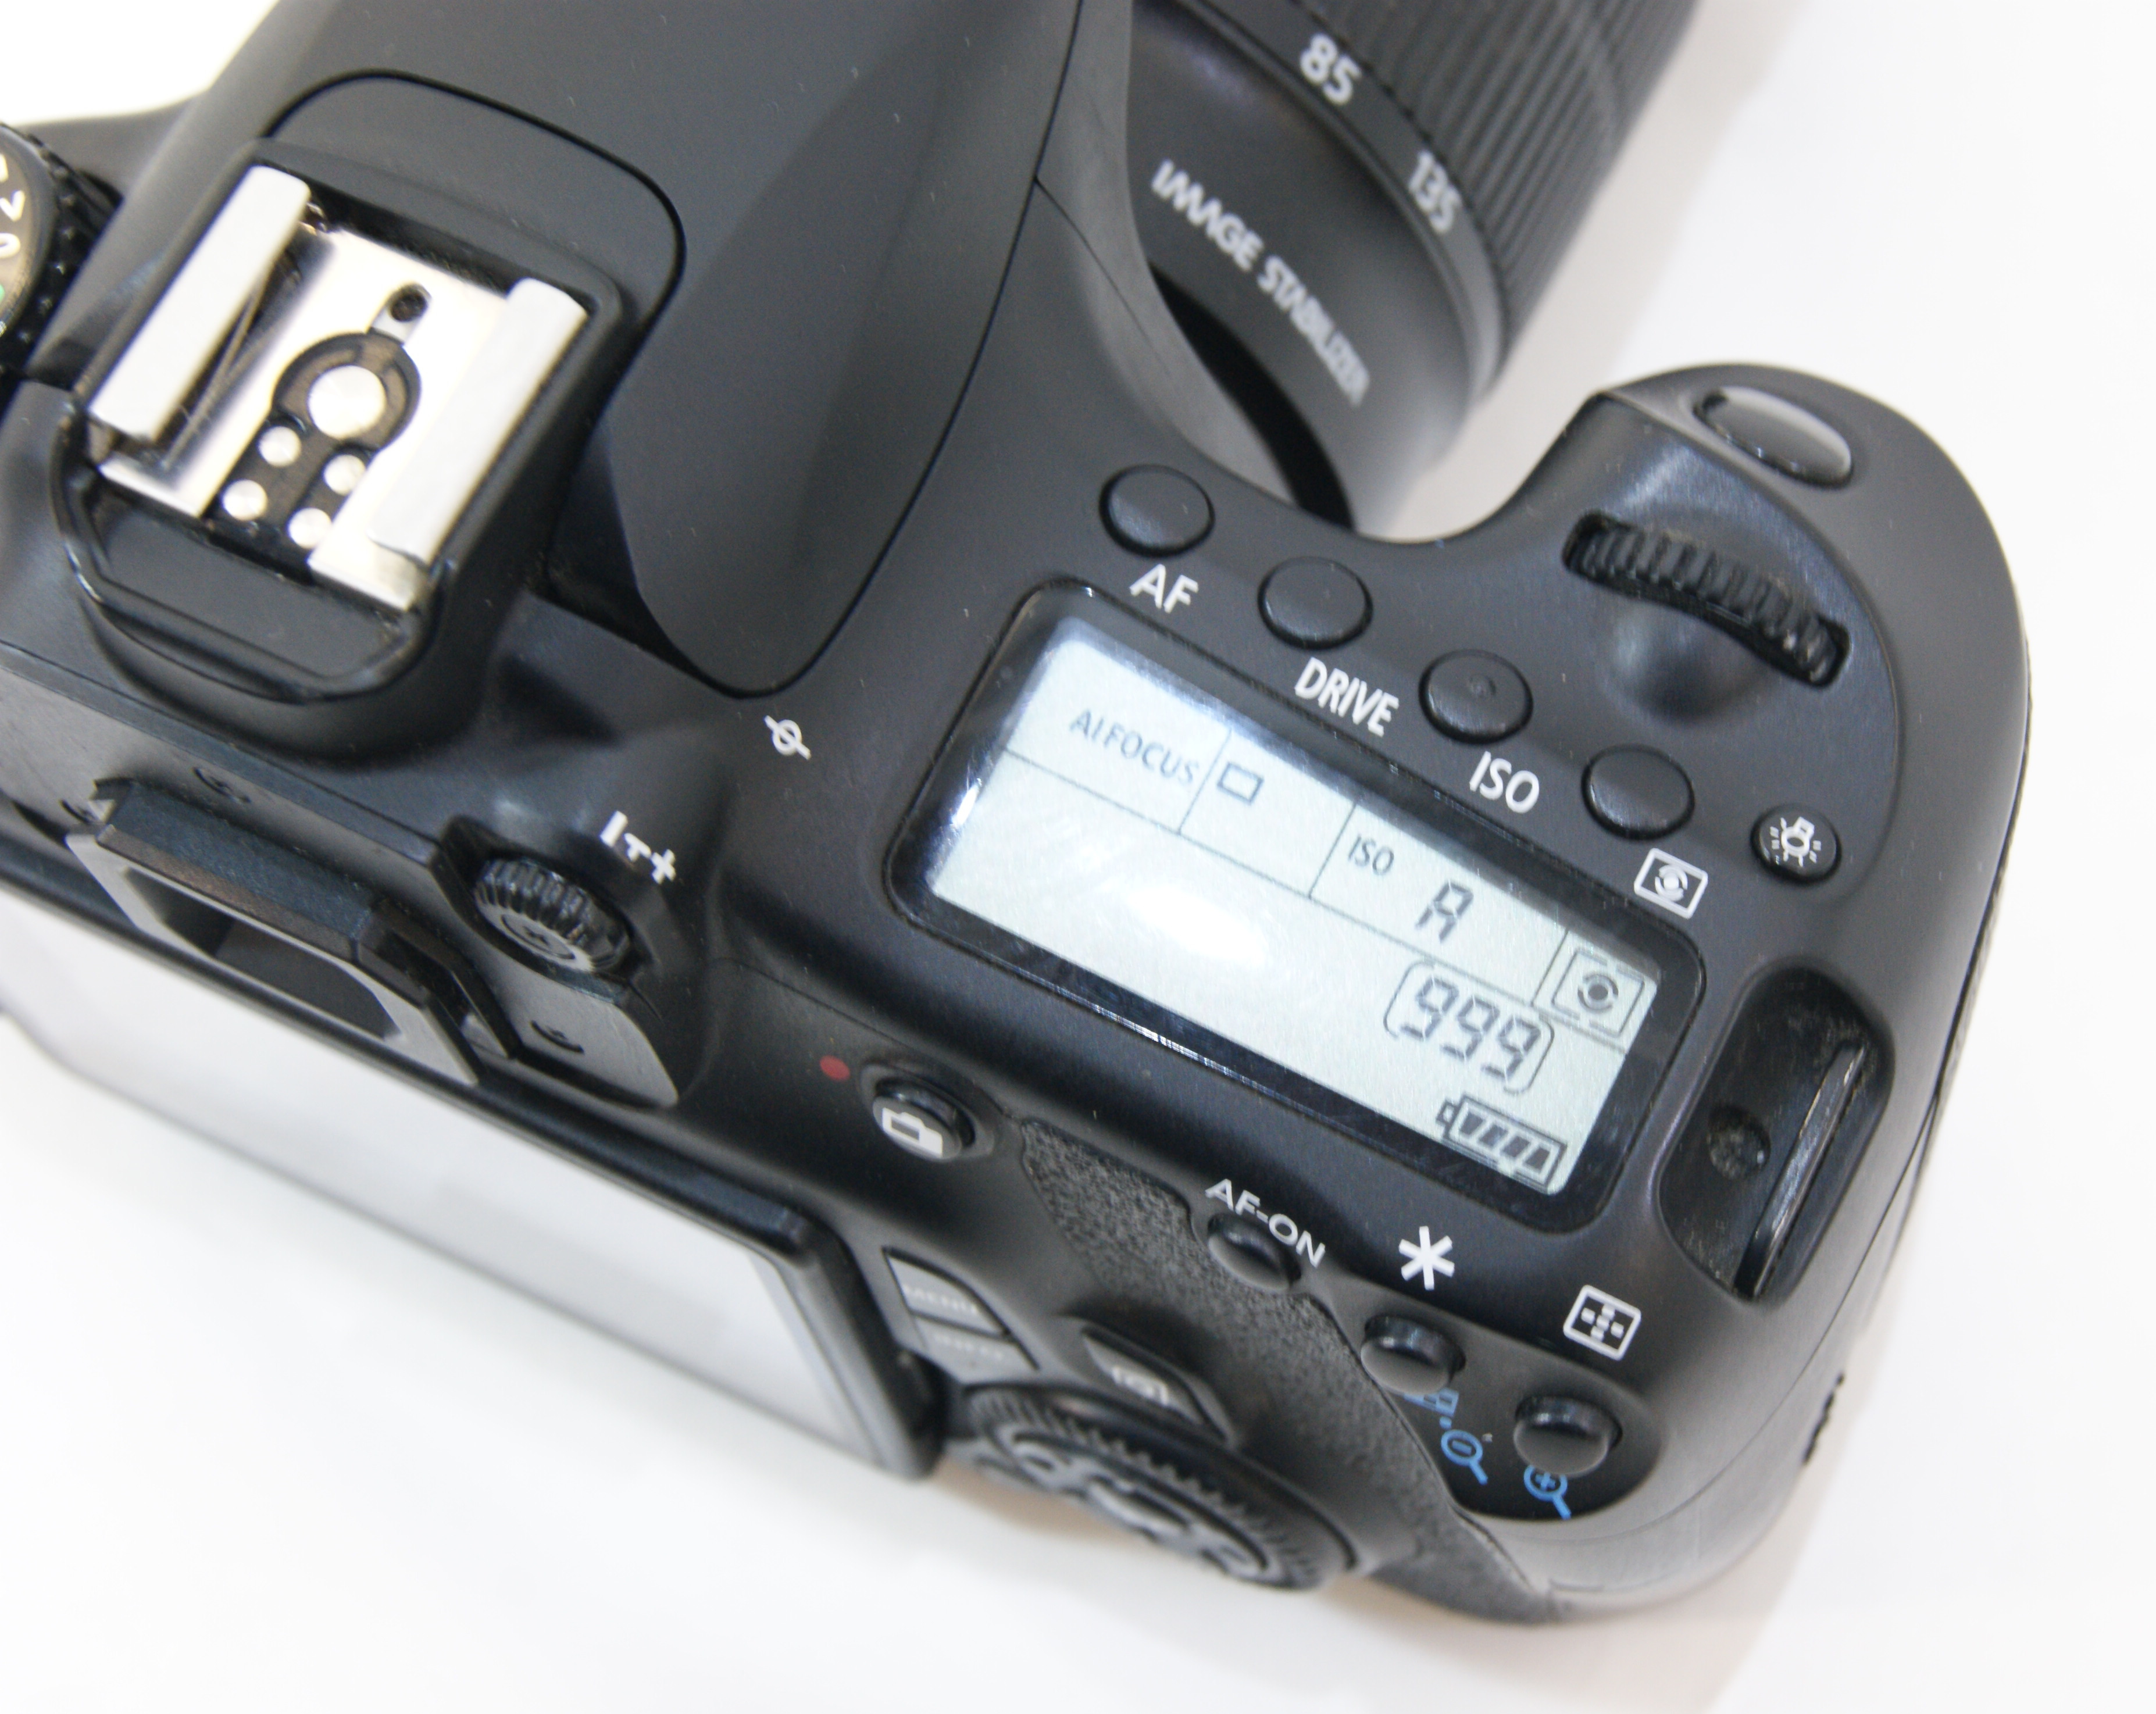 фотоаппарат полупрофессиональный кэнон дома